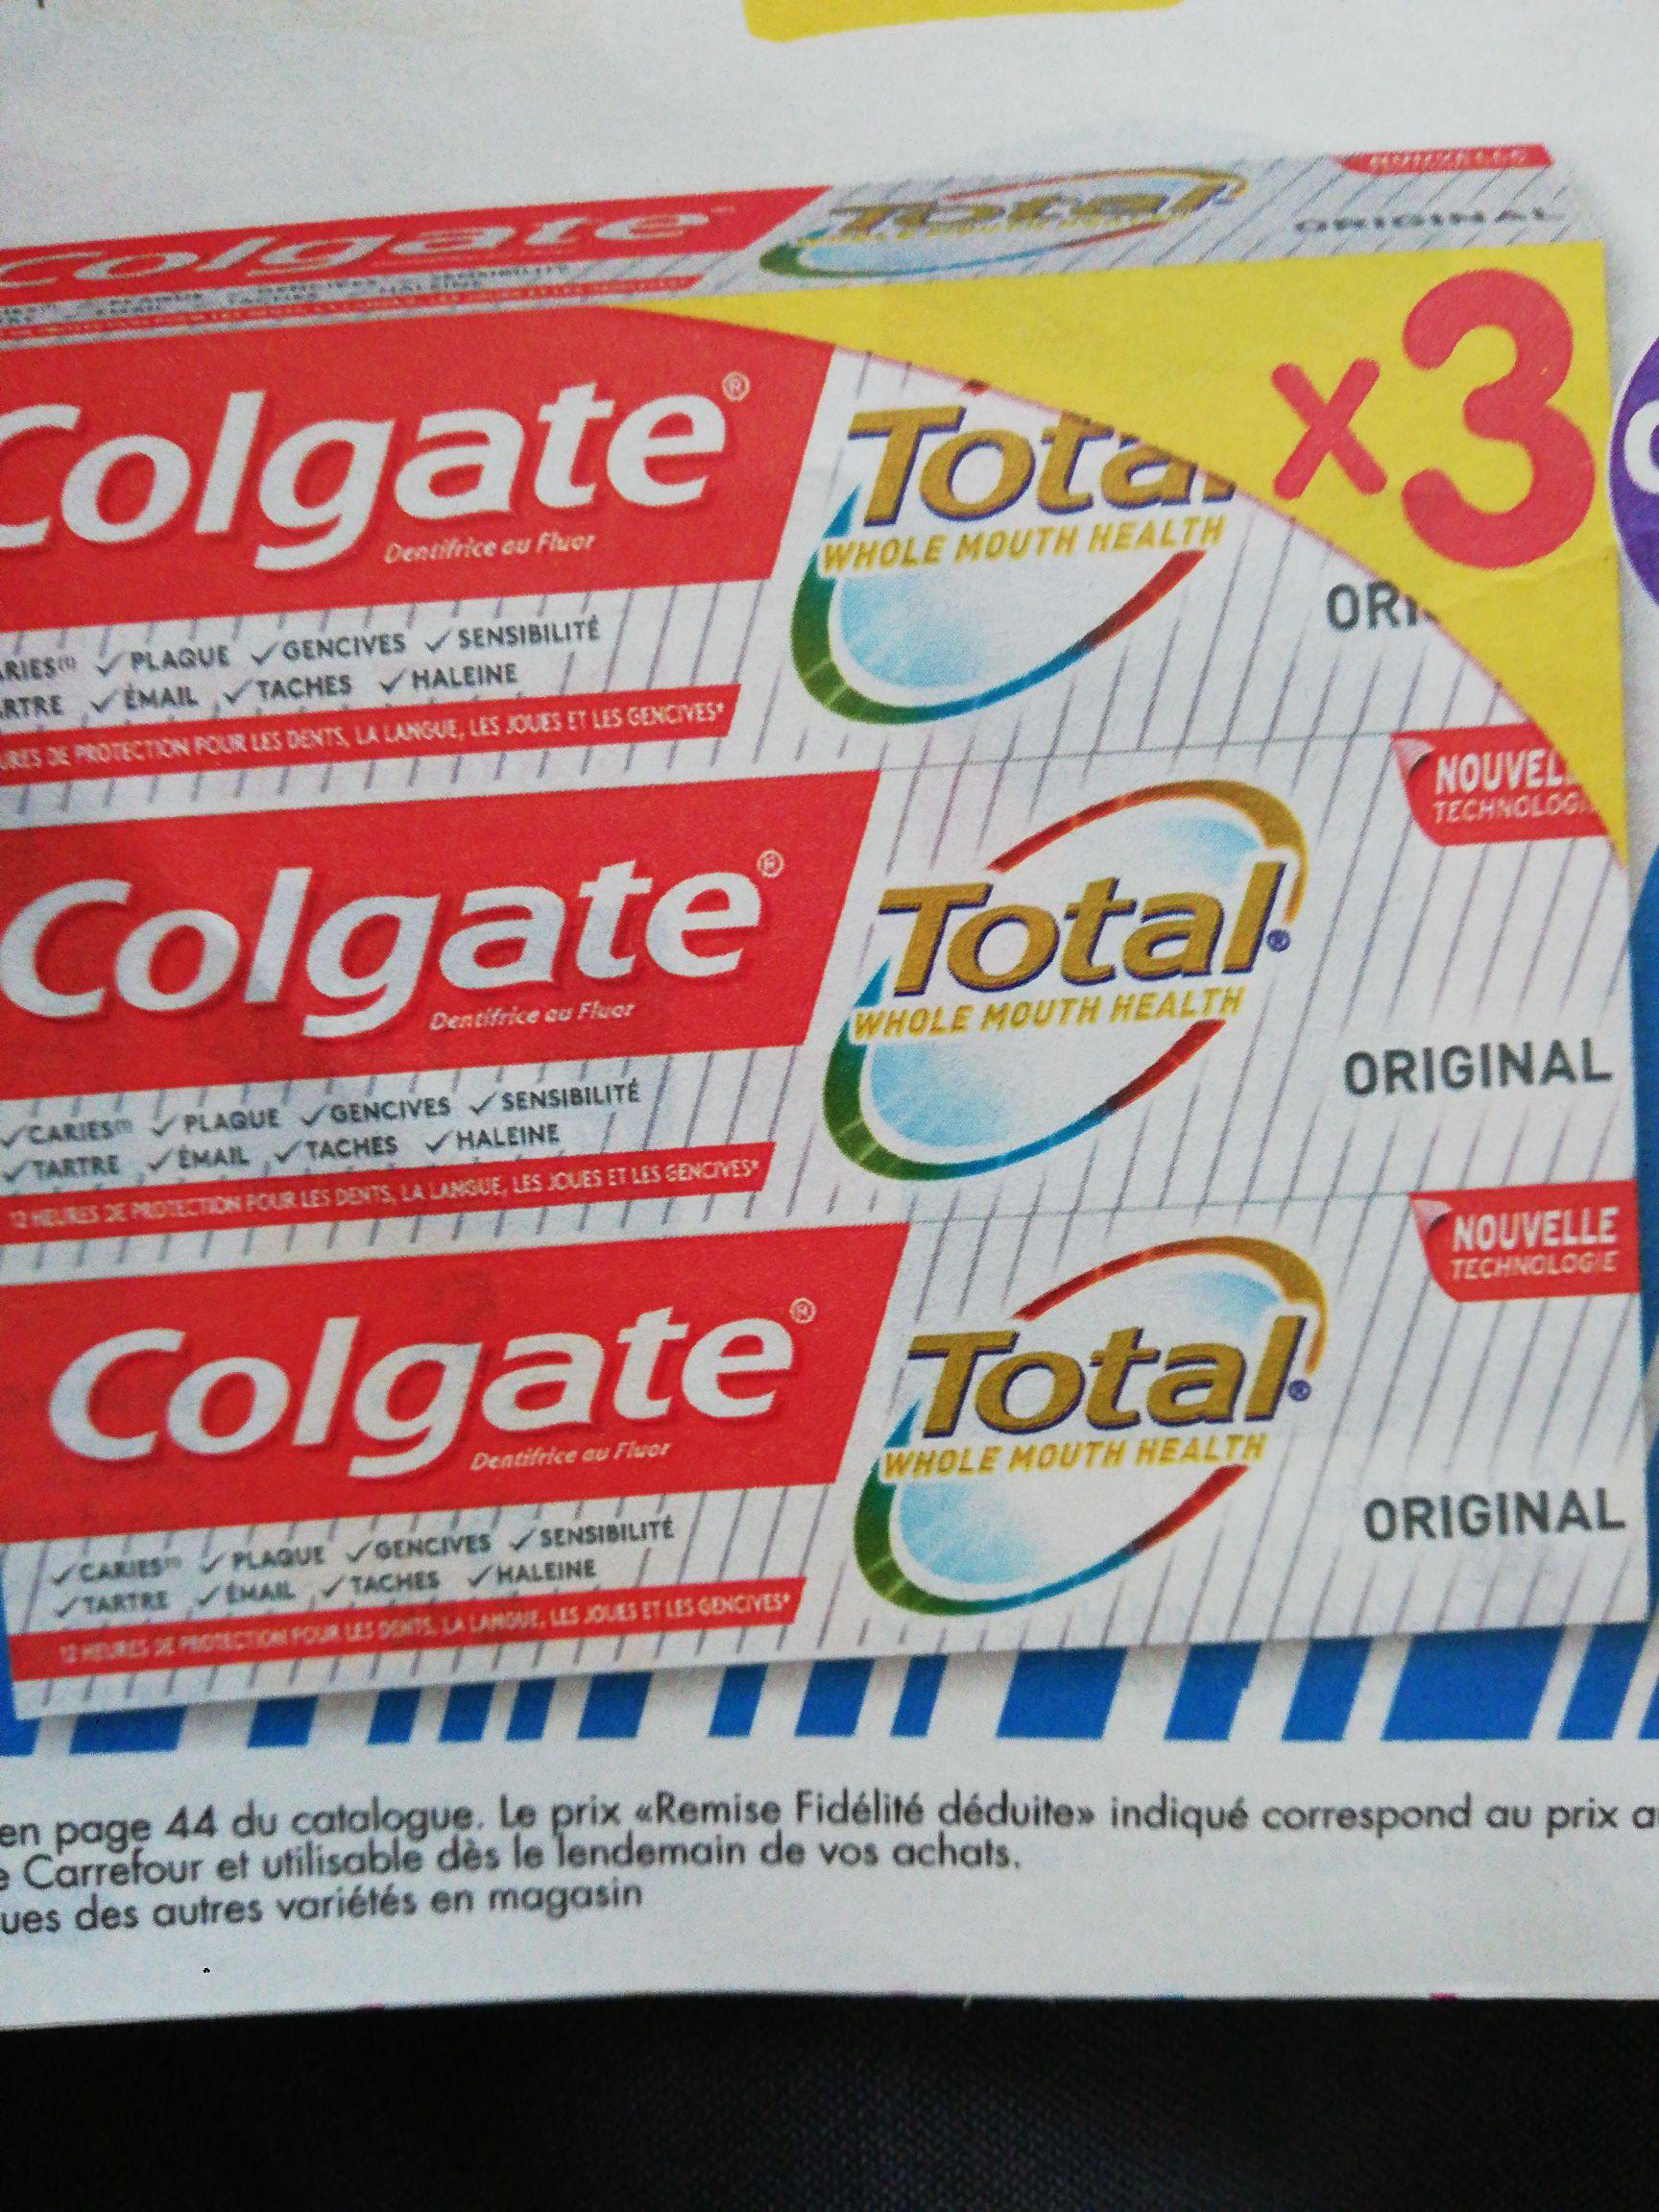 Lot de 3 tubes de Dentifrice Colgate Total - 3x75ml (Via 3.83€ sur Carte Fidélité)